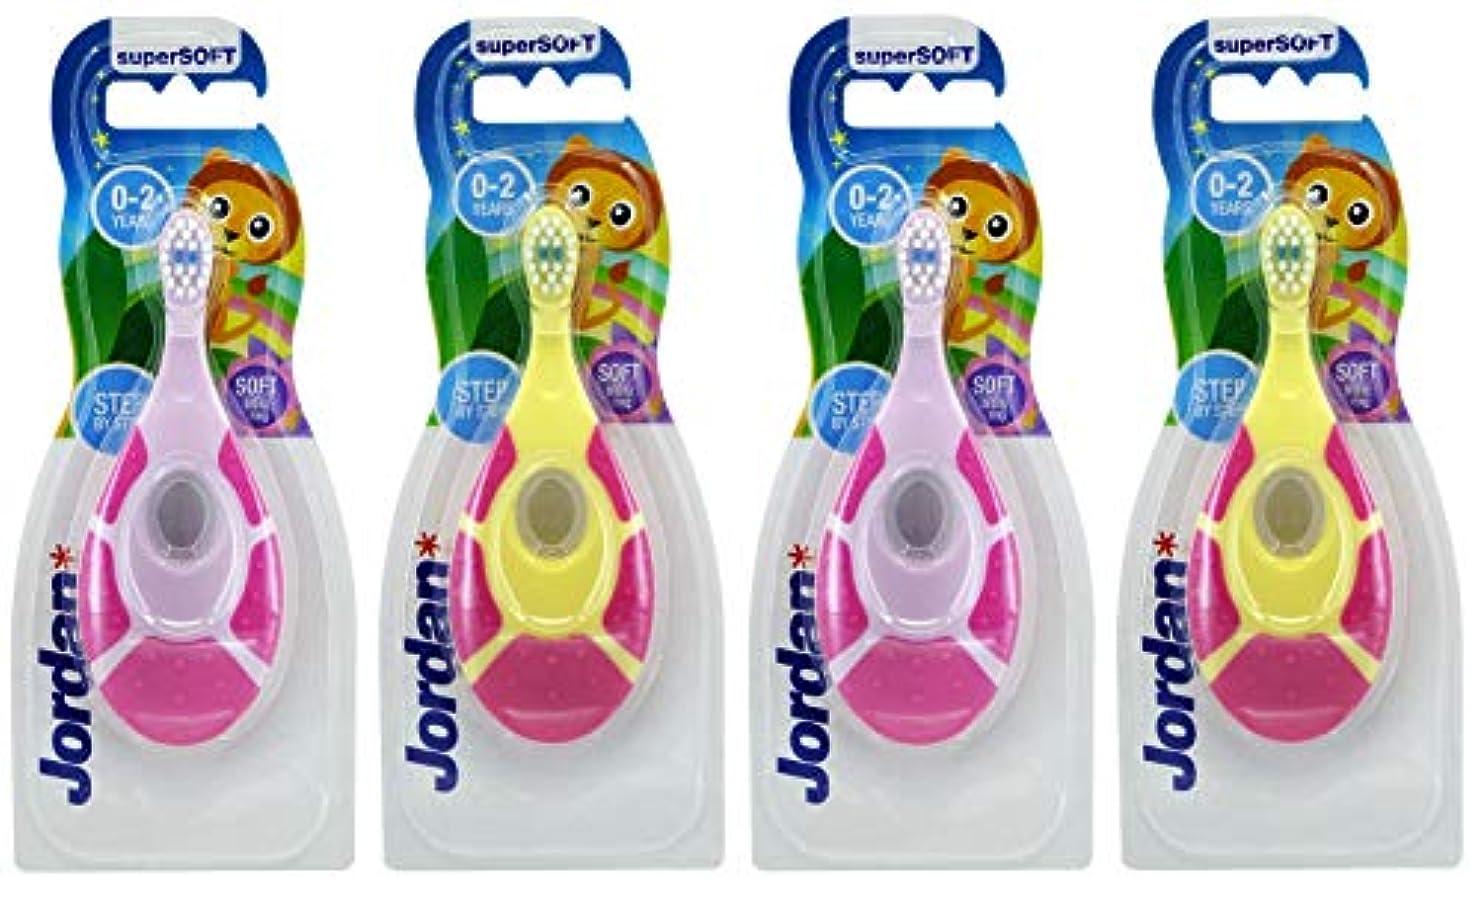 ディスク請願者メッシュevaluecanベビー幼児用歯ブラシ、4パック、BPAフリー&ソフト剛毛、0~2歳 – 女の子最初セット(2ピンク/グリーン& 2パープル/ピンク)